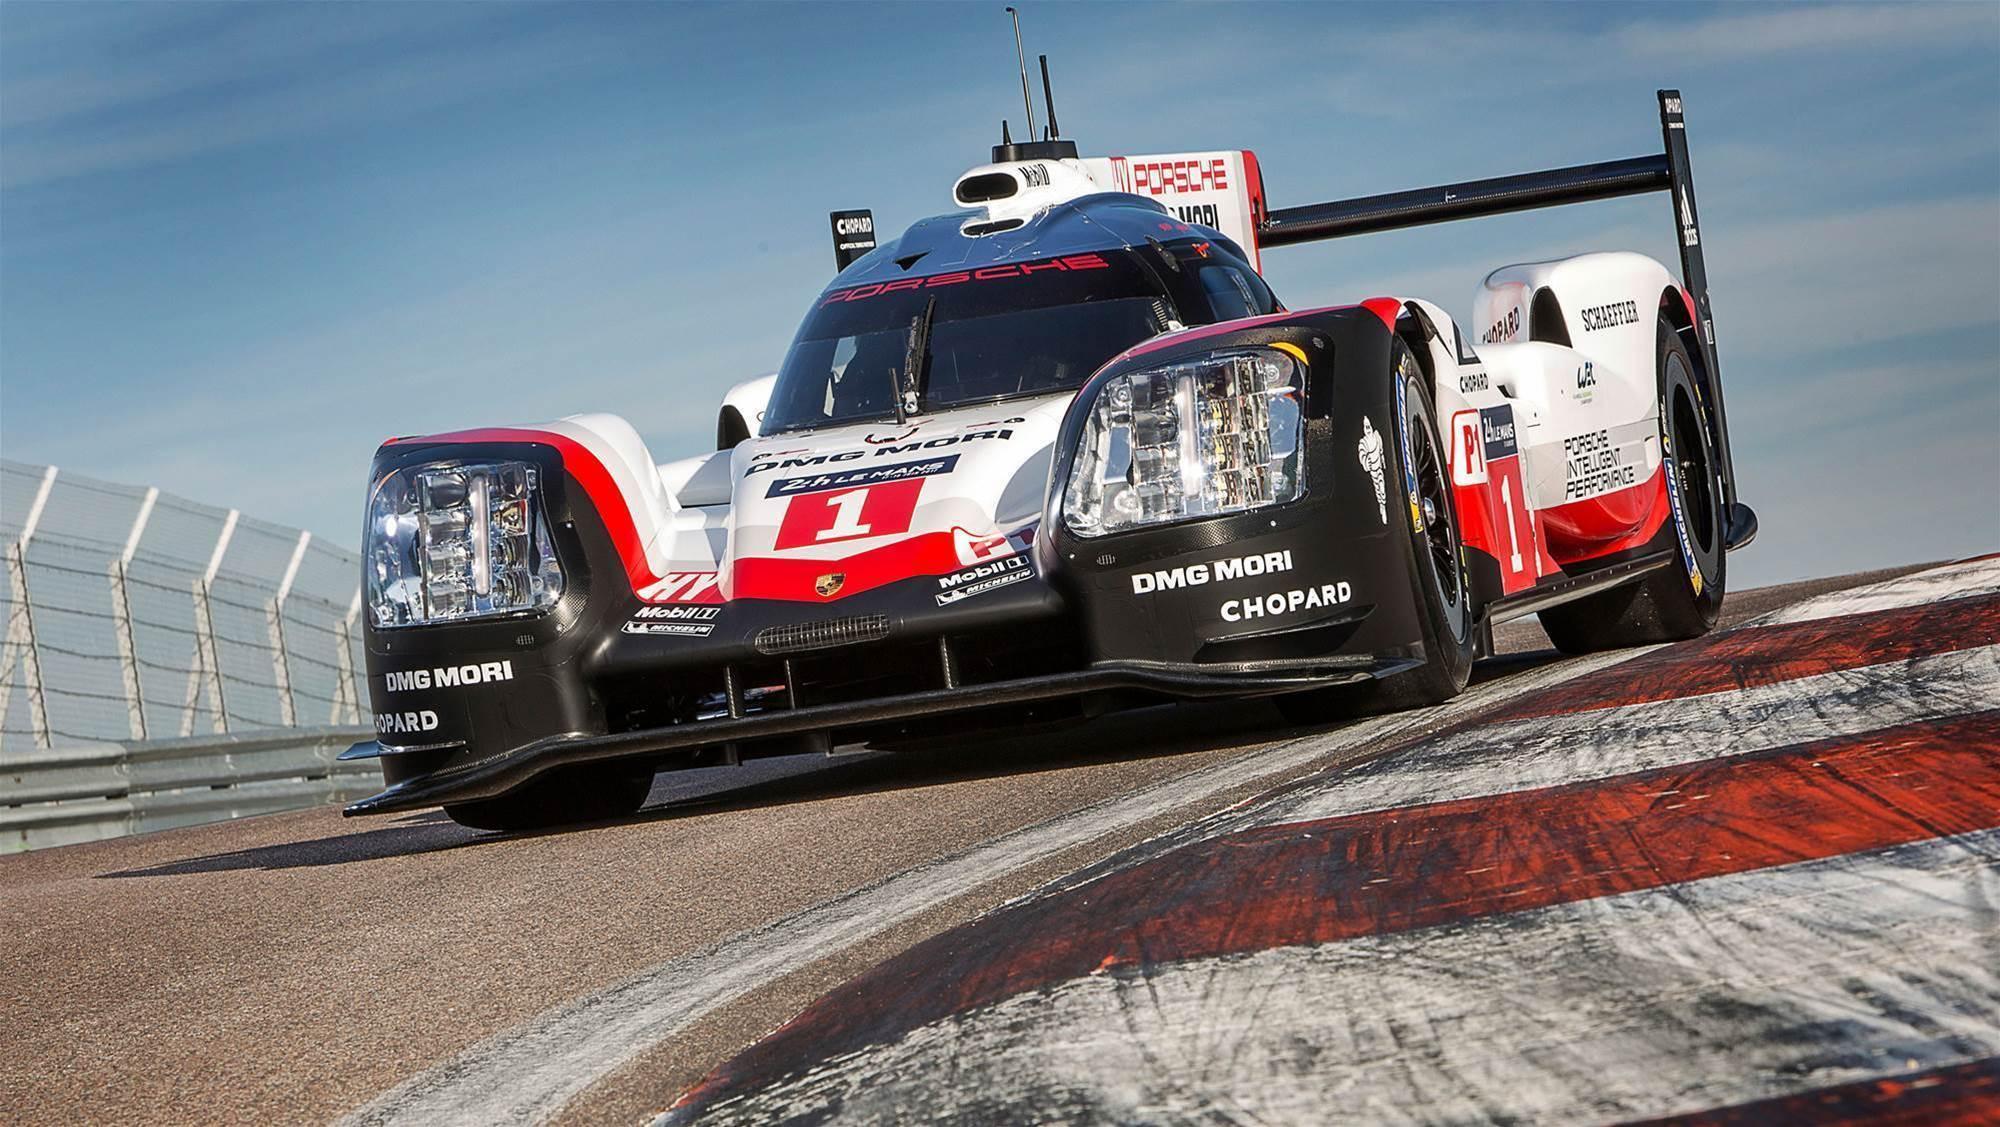 Toyota and Porsche set for Silverstone WEC showdown